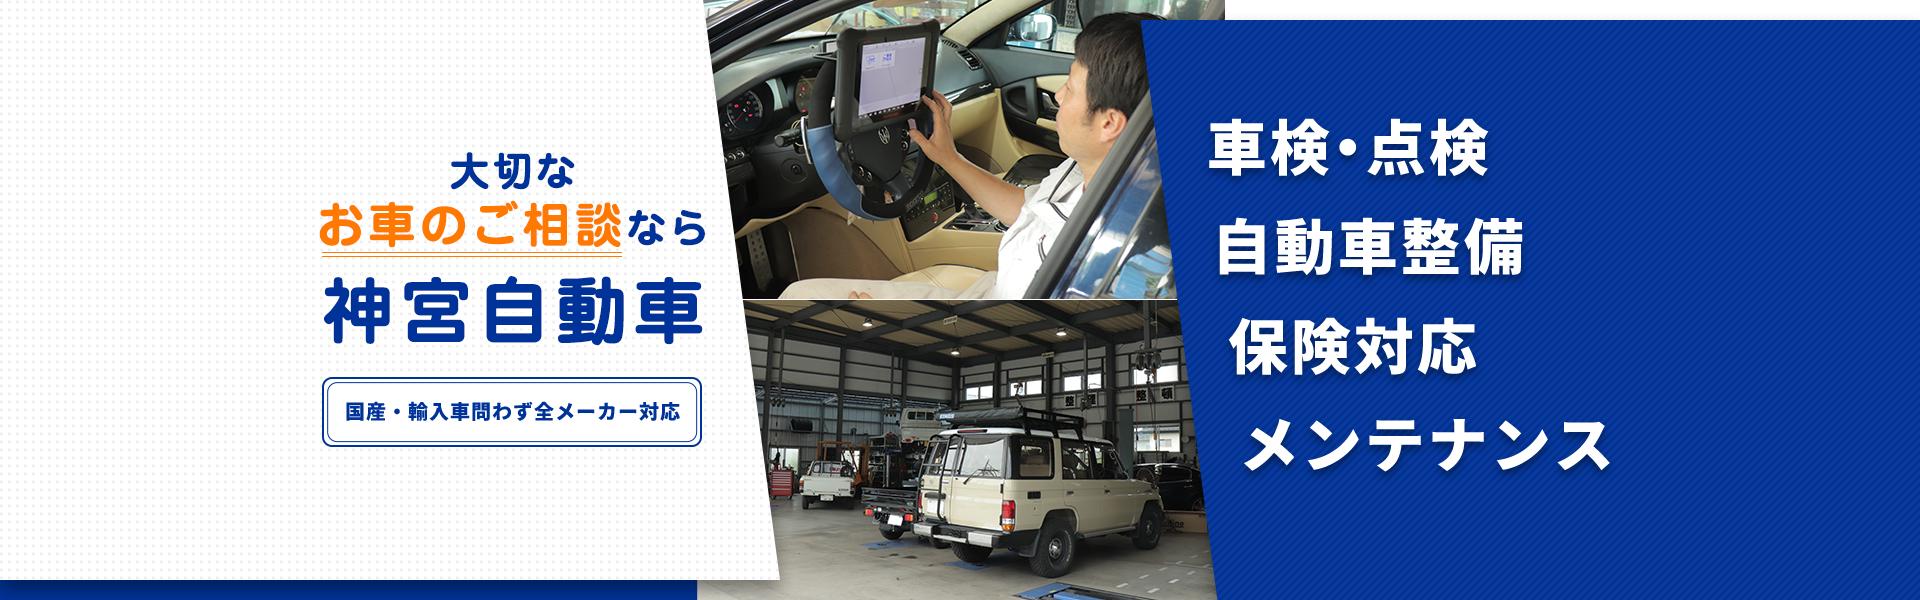 大切なお車のご相談なら神宮自動車 車検・点検 自動車整備 保険対応 メンテナンス